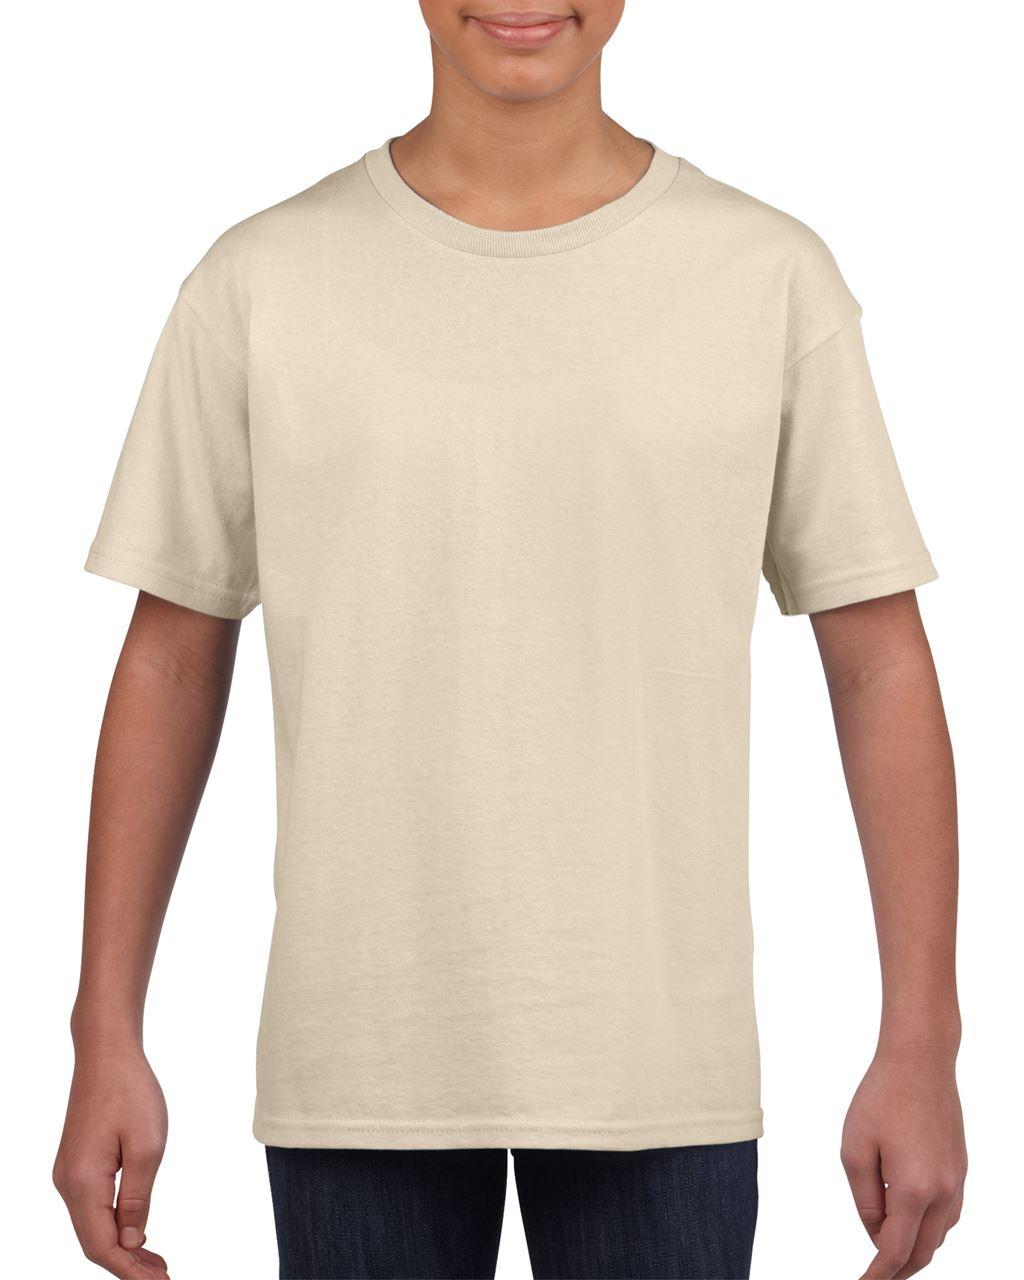 Levně Gildan Dětské bavlněné tričko SOFTSTYLE Barva: Sand, Velikost: M